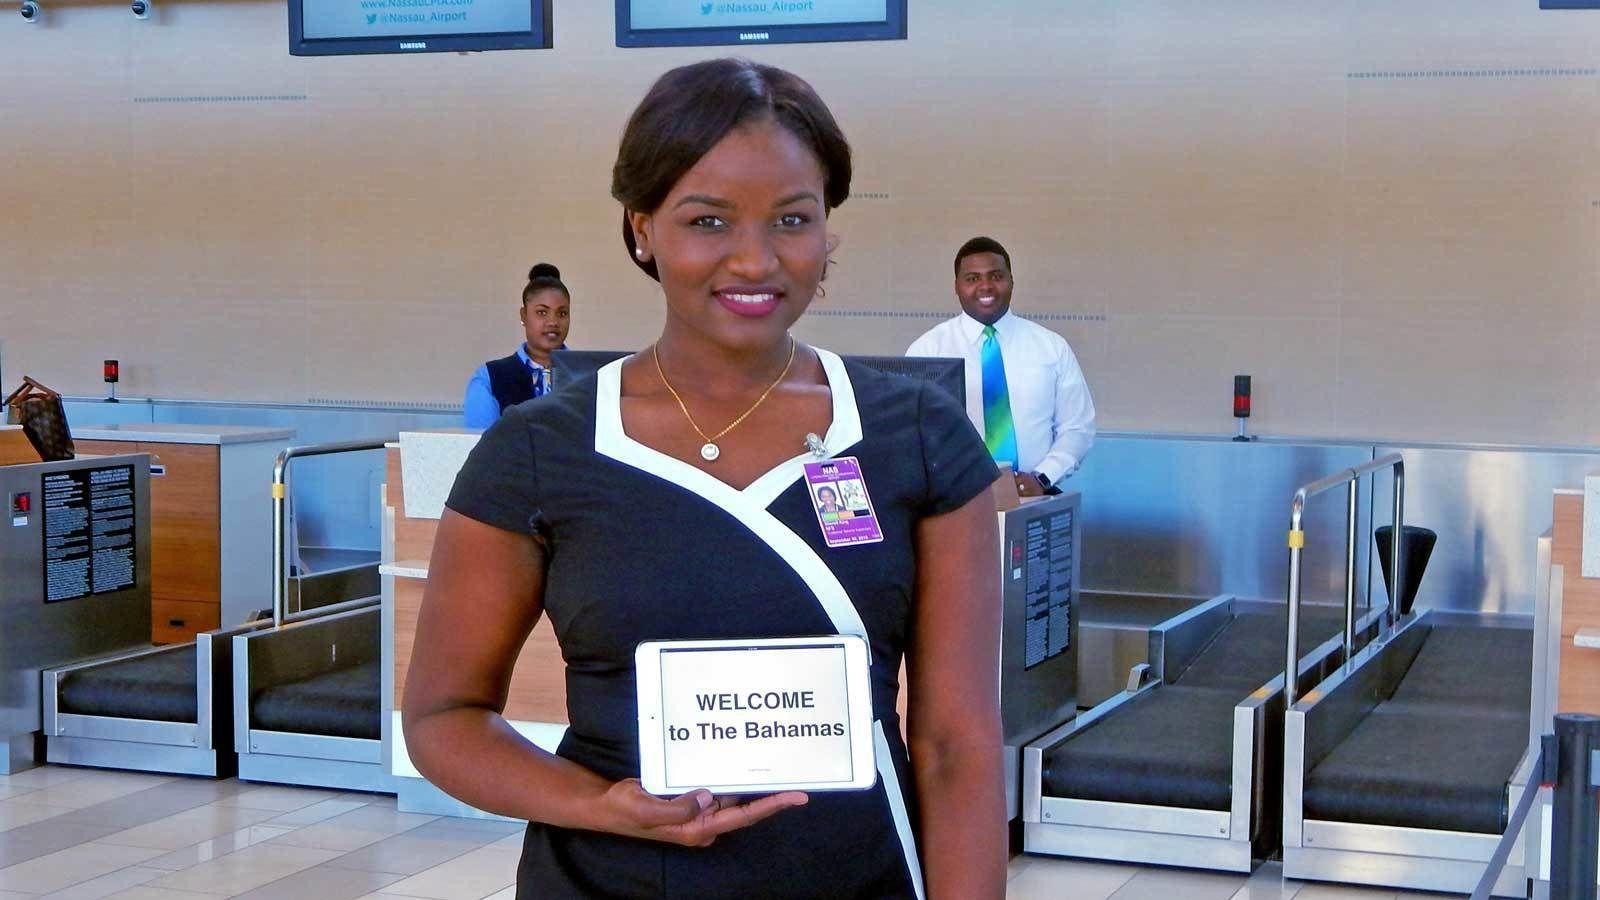 Service prioritaire VIP et accès au salon de l'aéroport